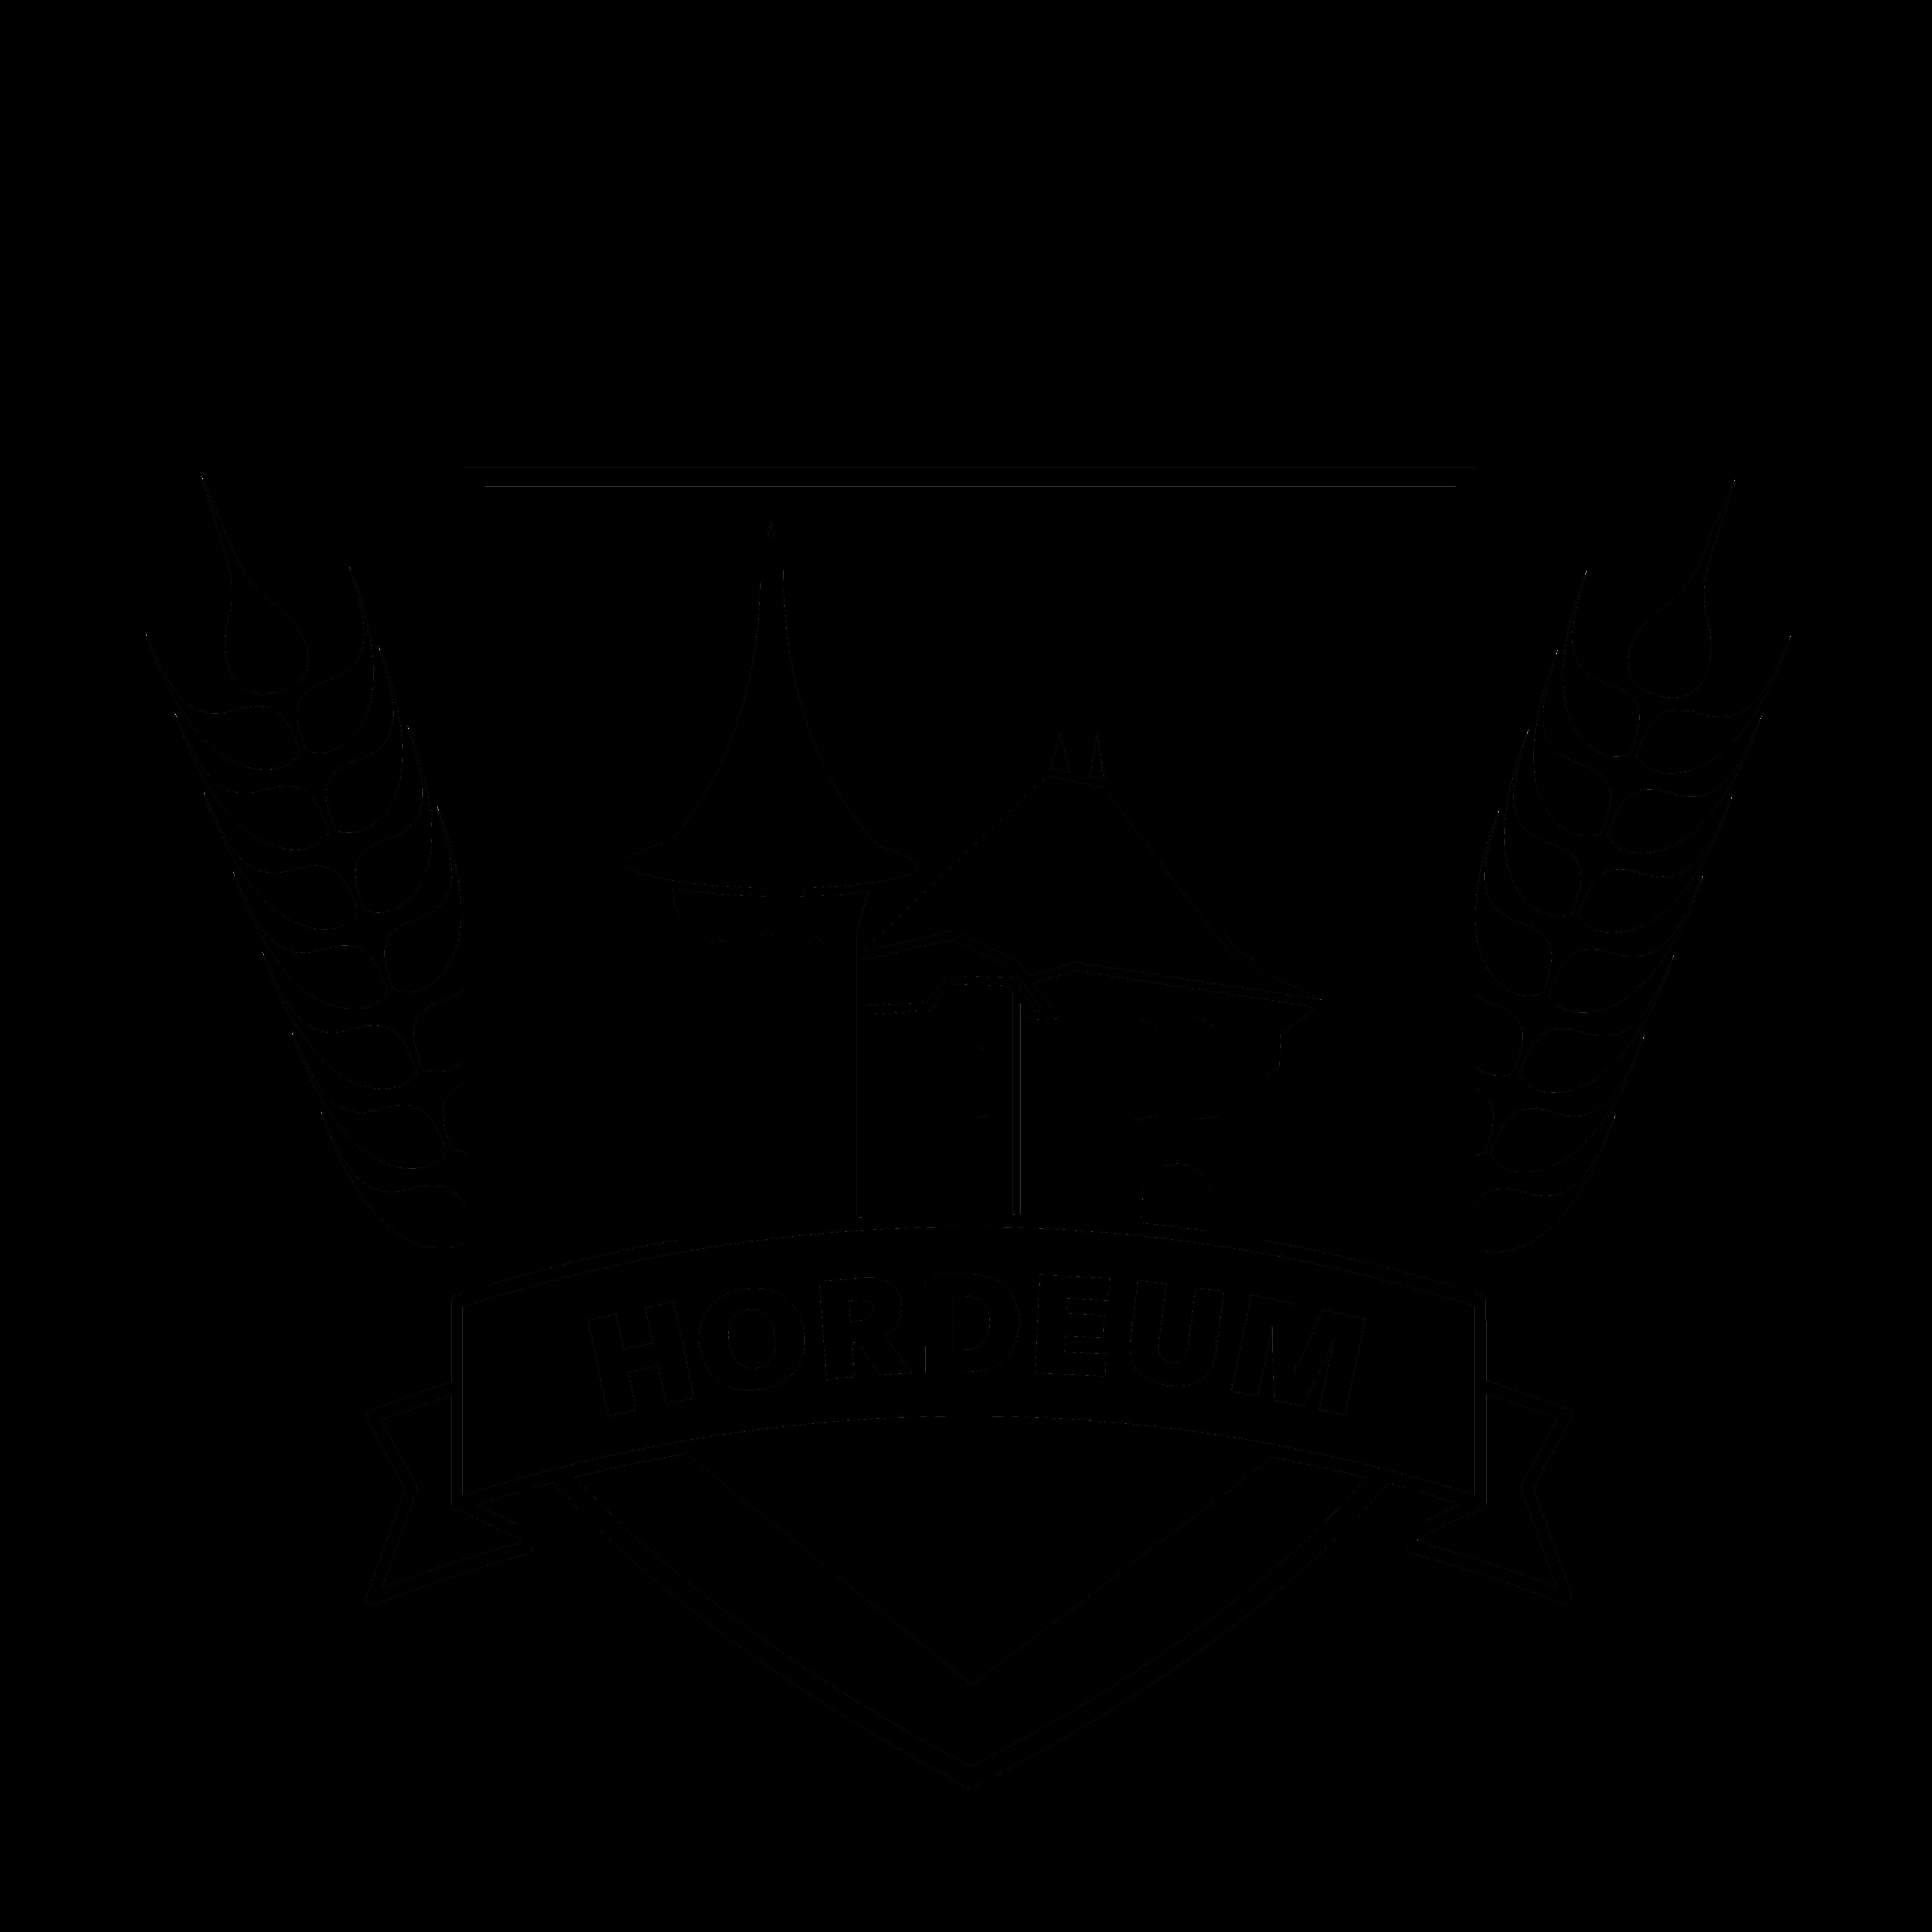 hordeumlogo